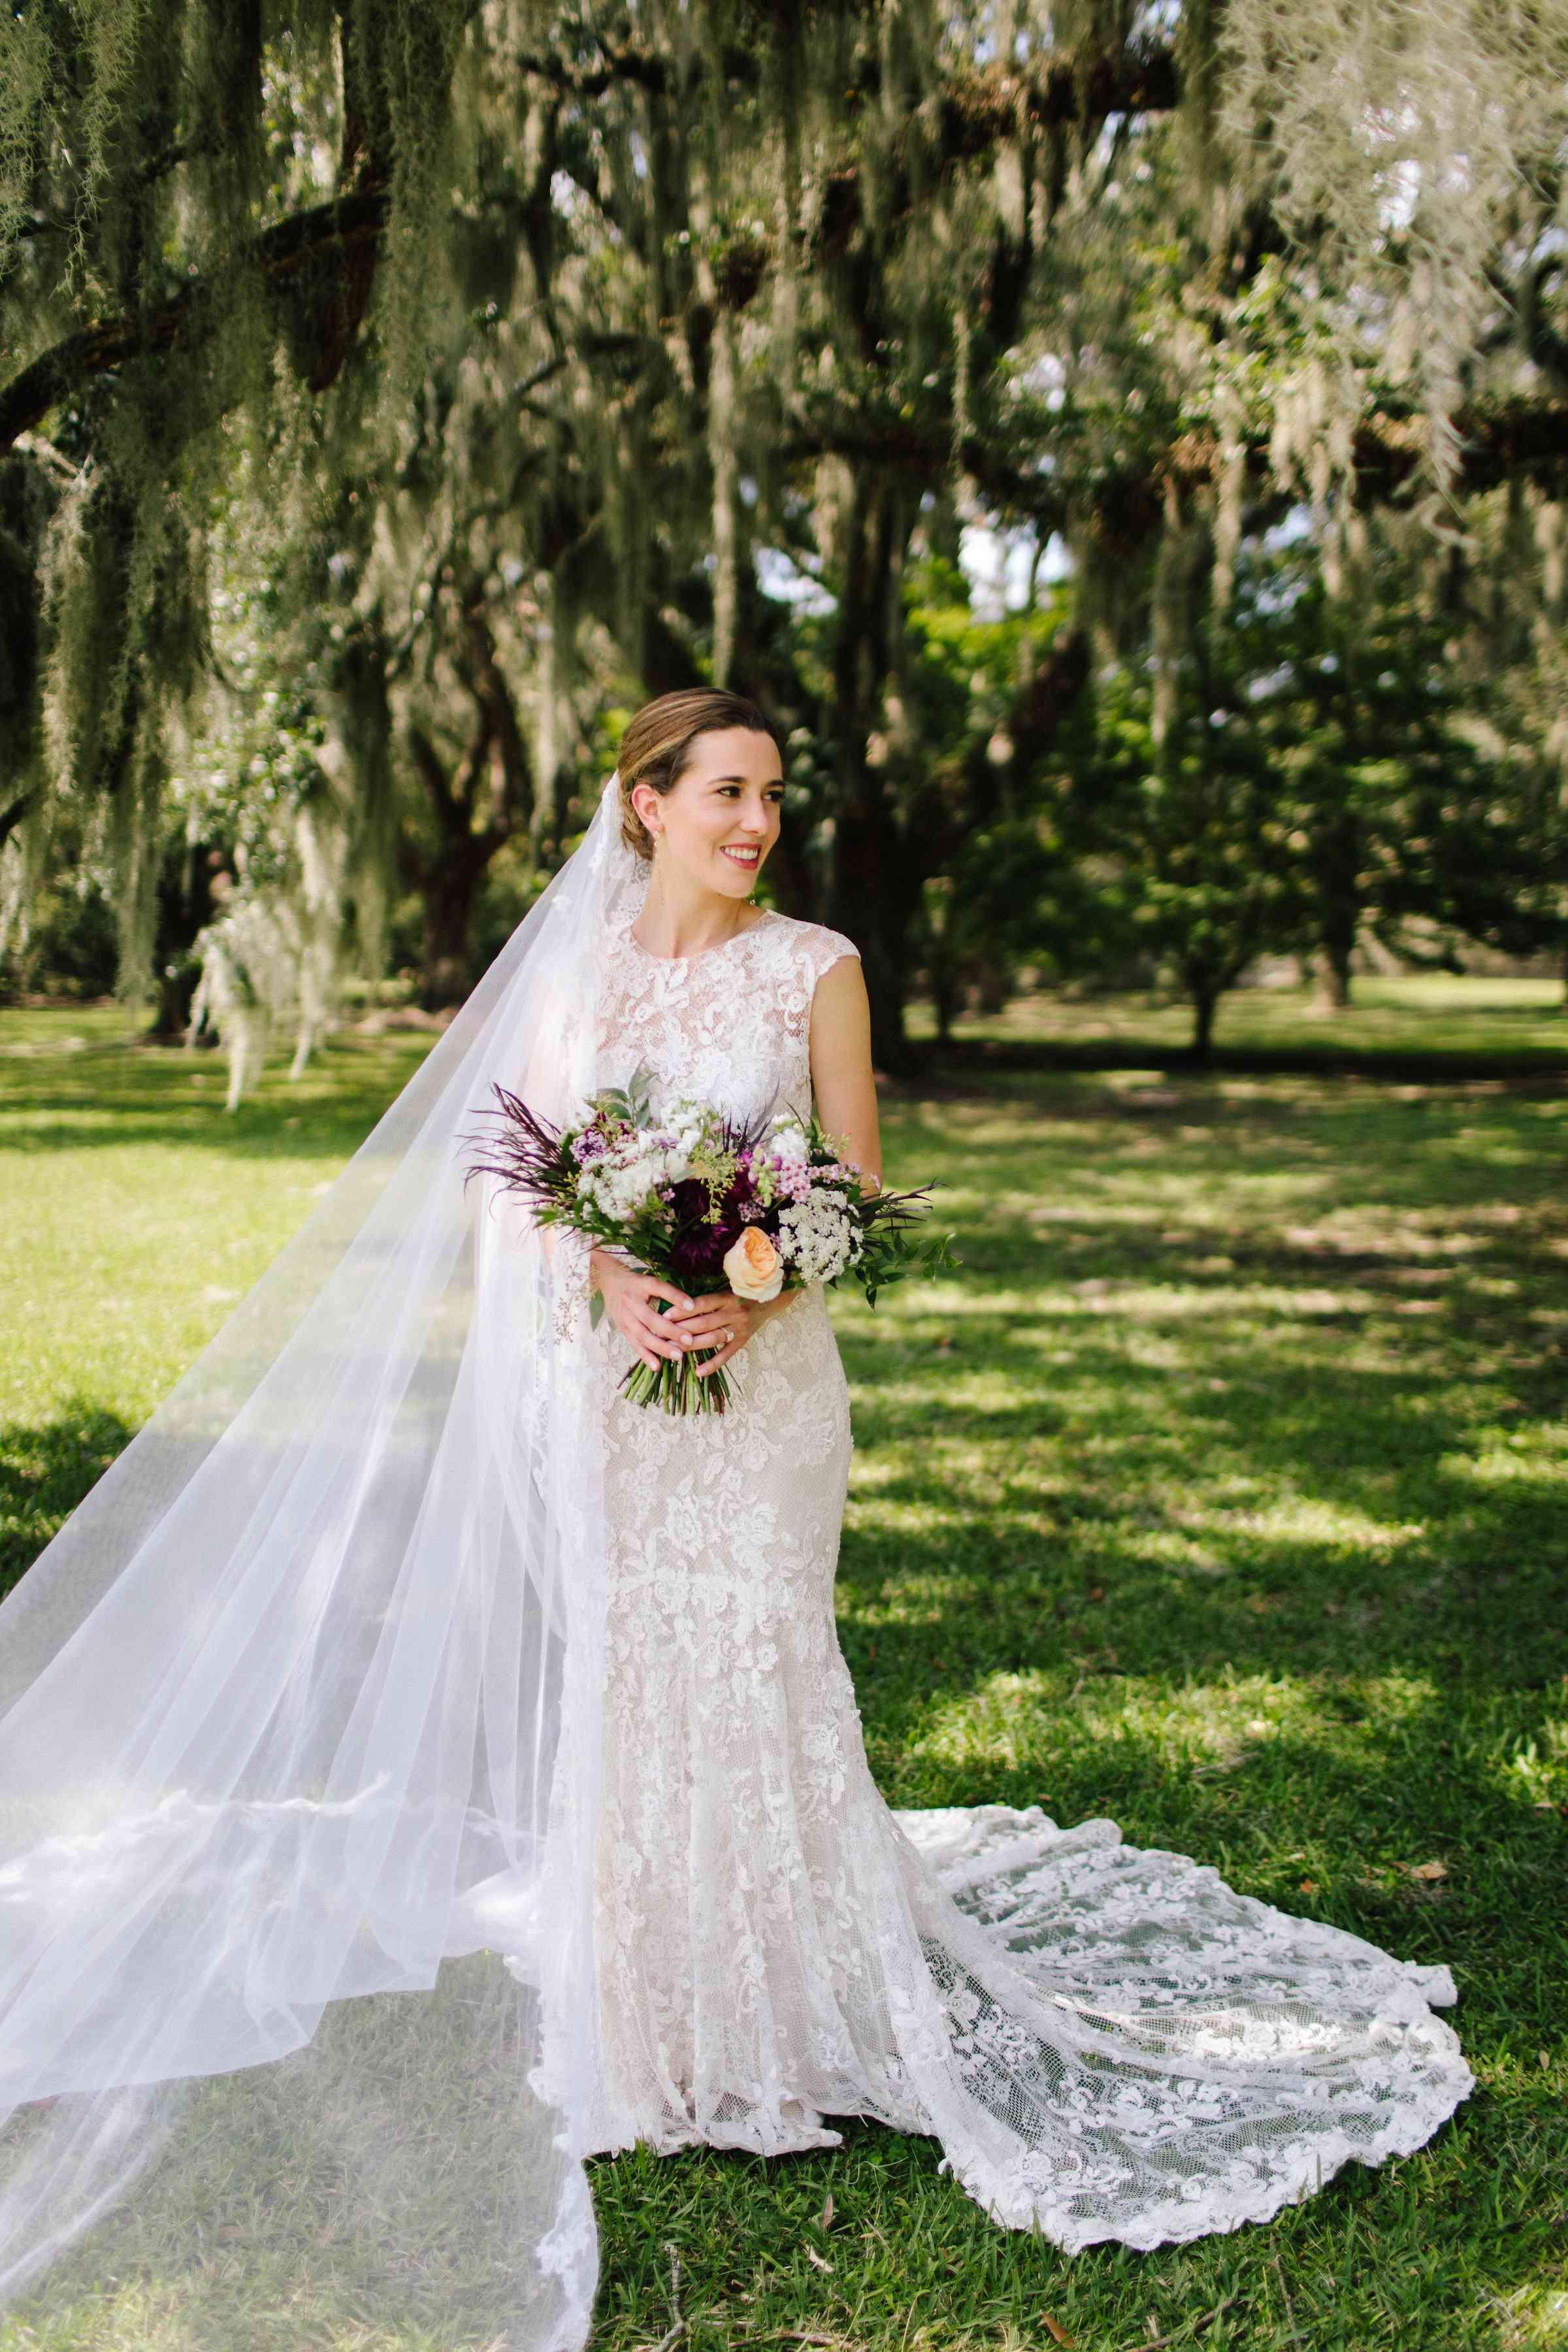 <p>Bride solo holding bouquet</p><br><br>